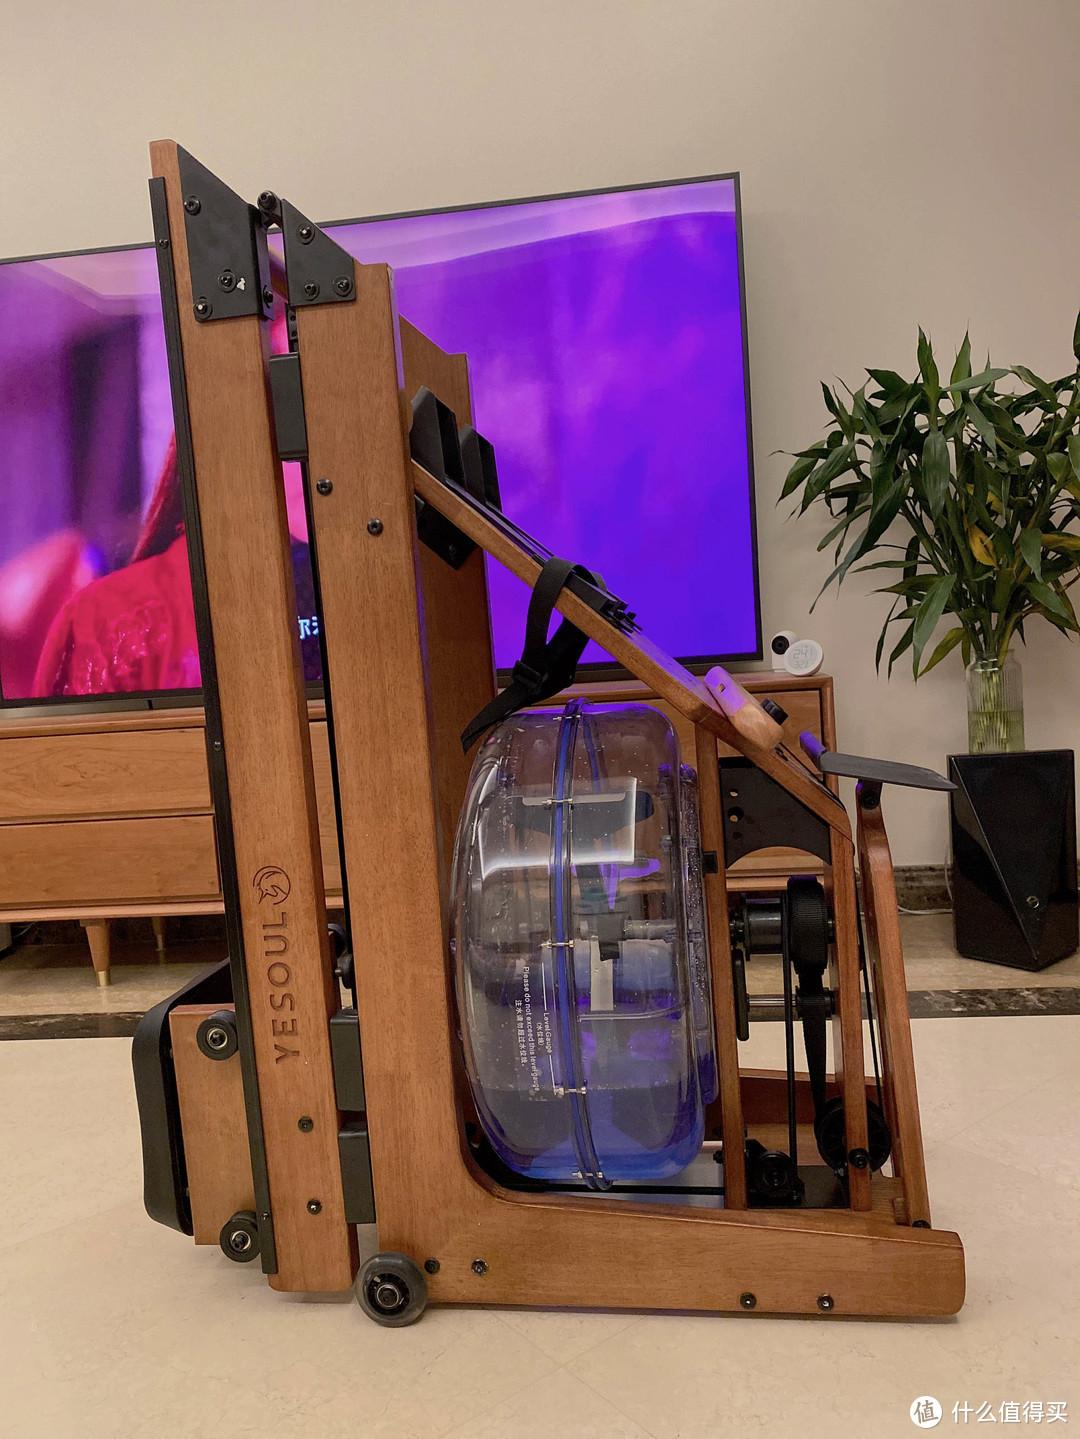 懒,胖,腿疼,就能运动15分钟,哪项运动更合适?